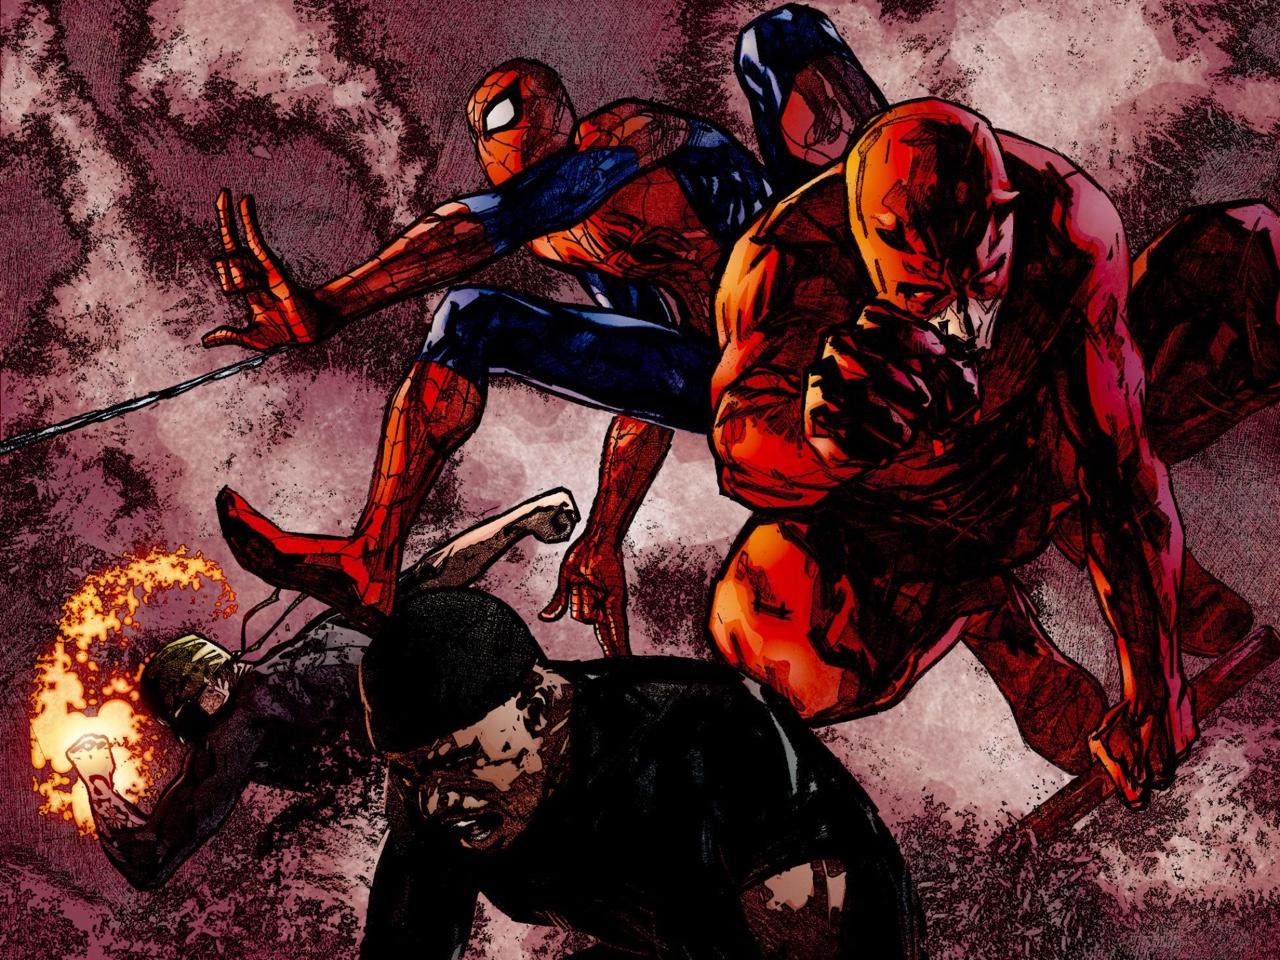 Daredevil, Spider-Man, Luke Cage, Iron Fist by David Mack